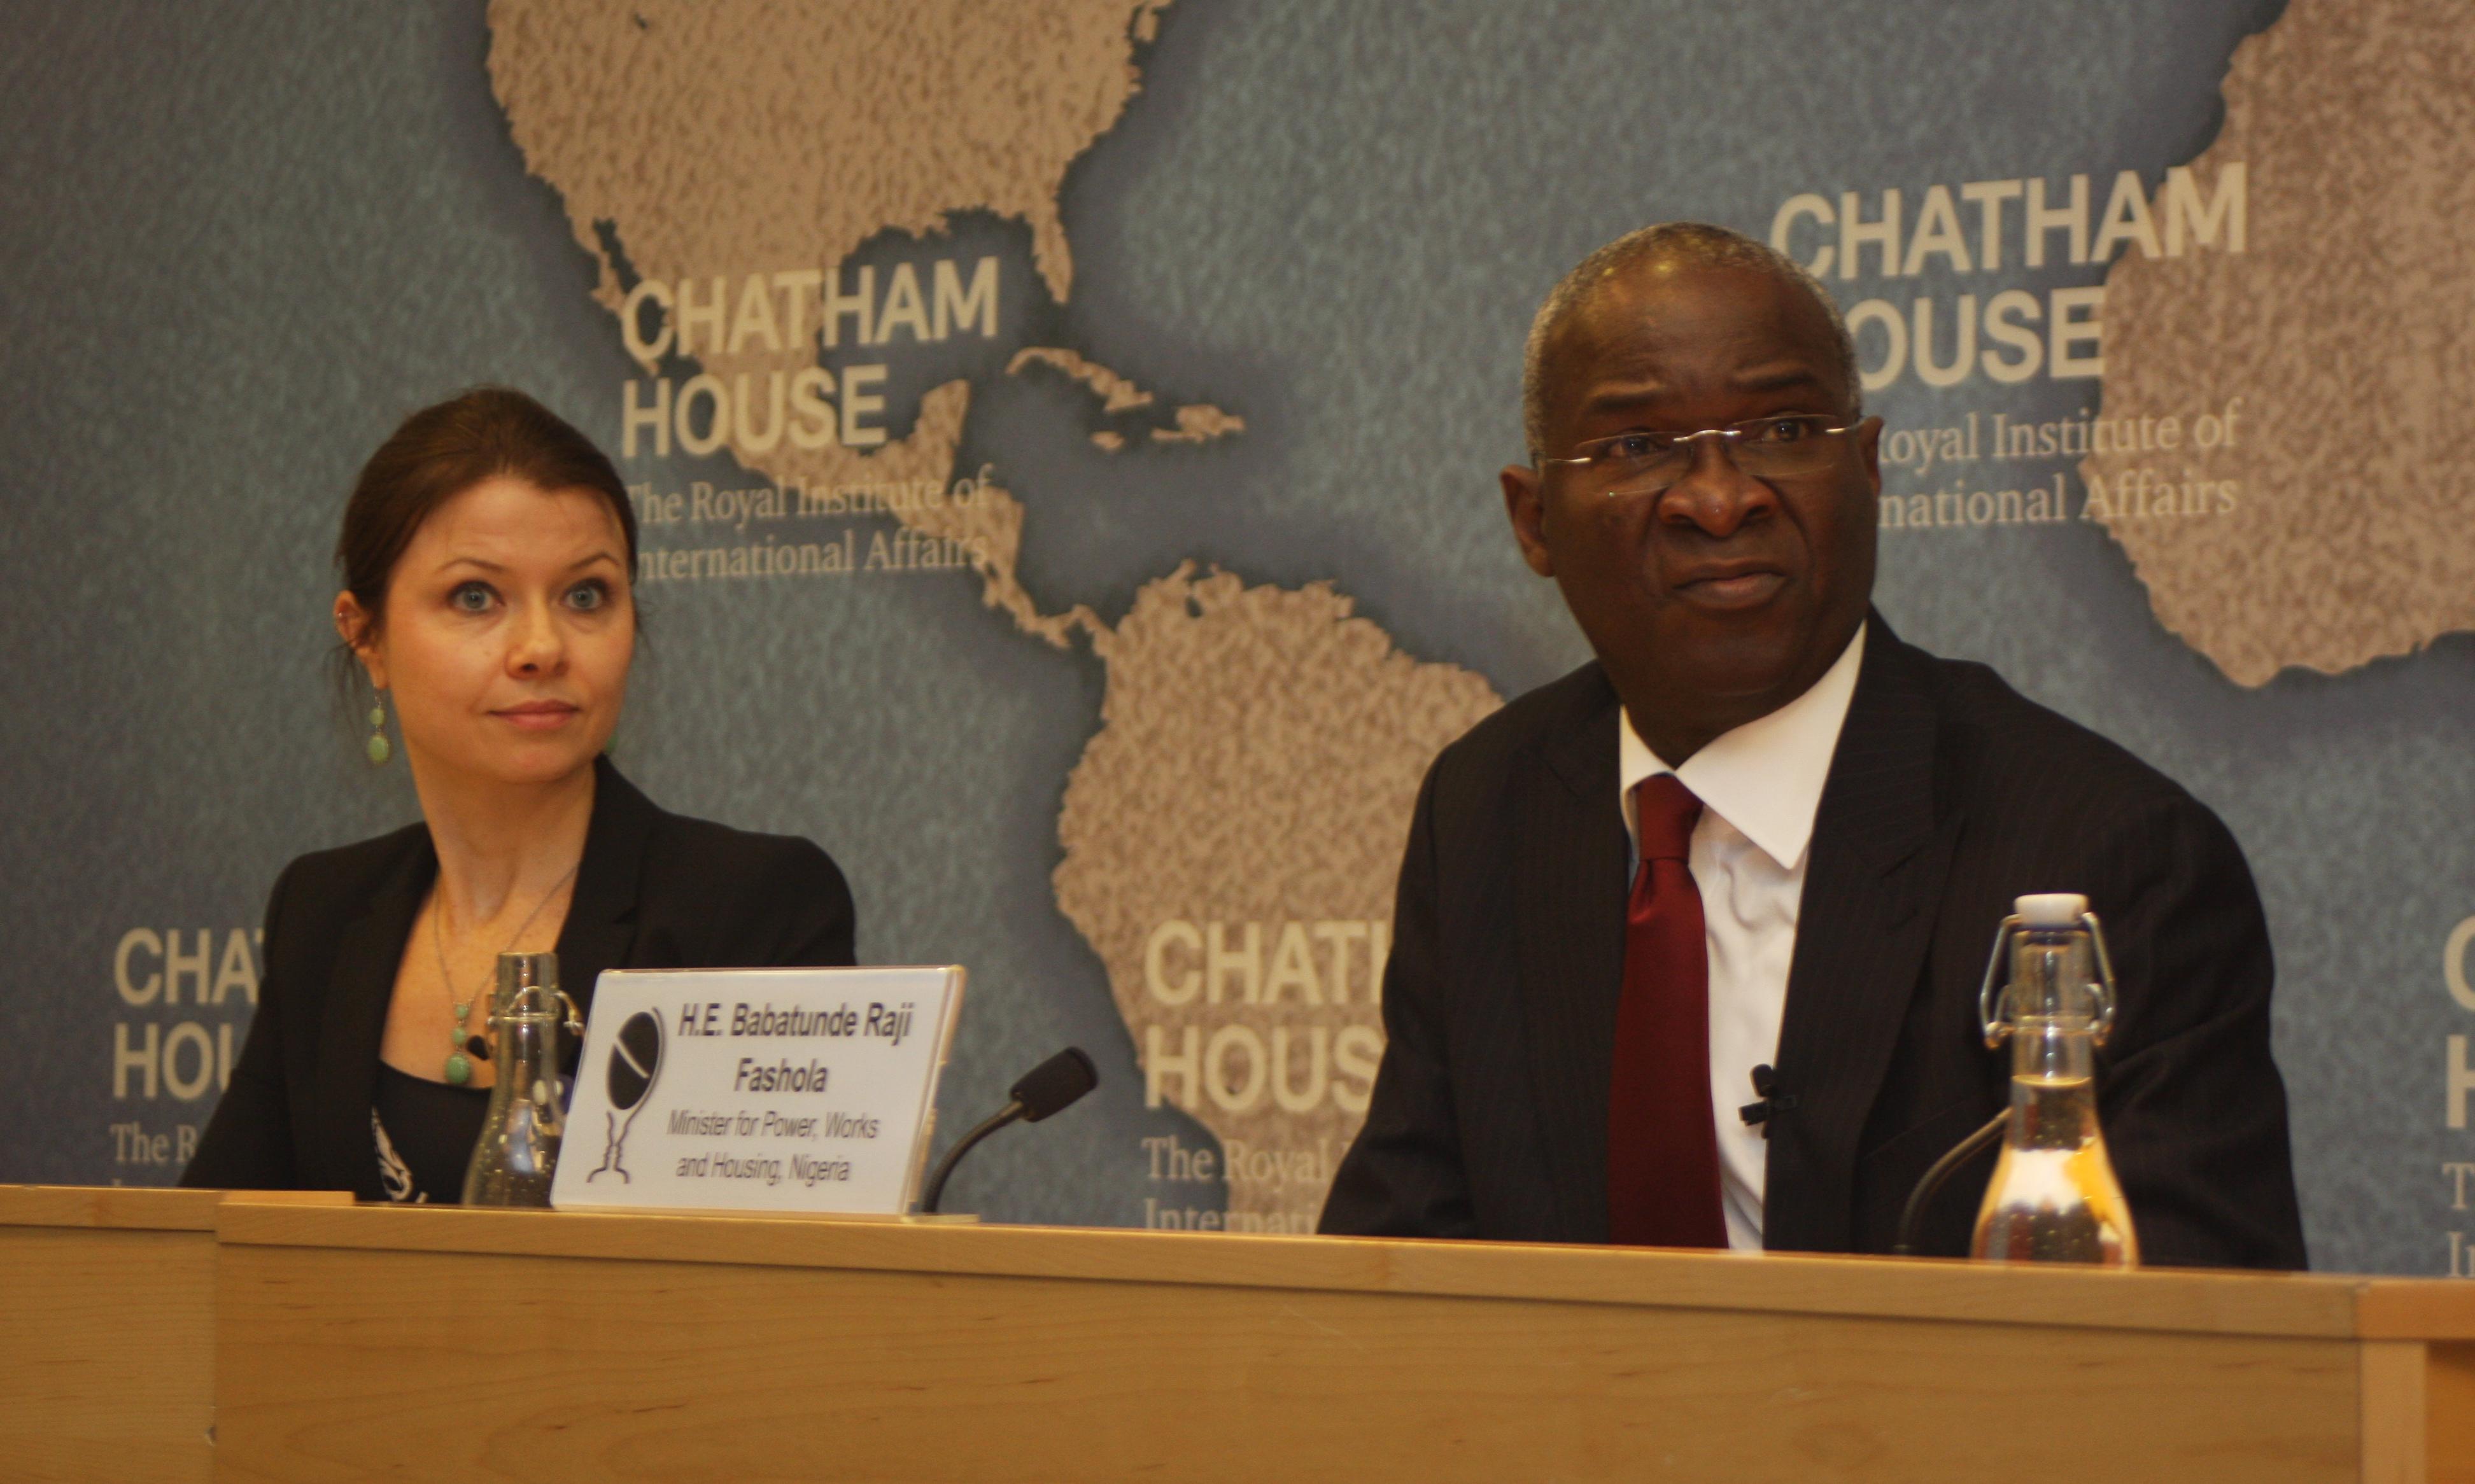 Fashola at Chatham House